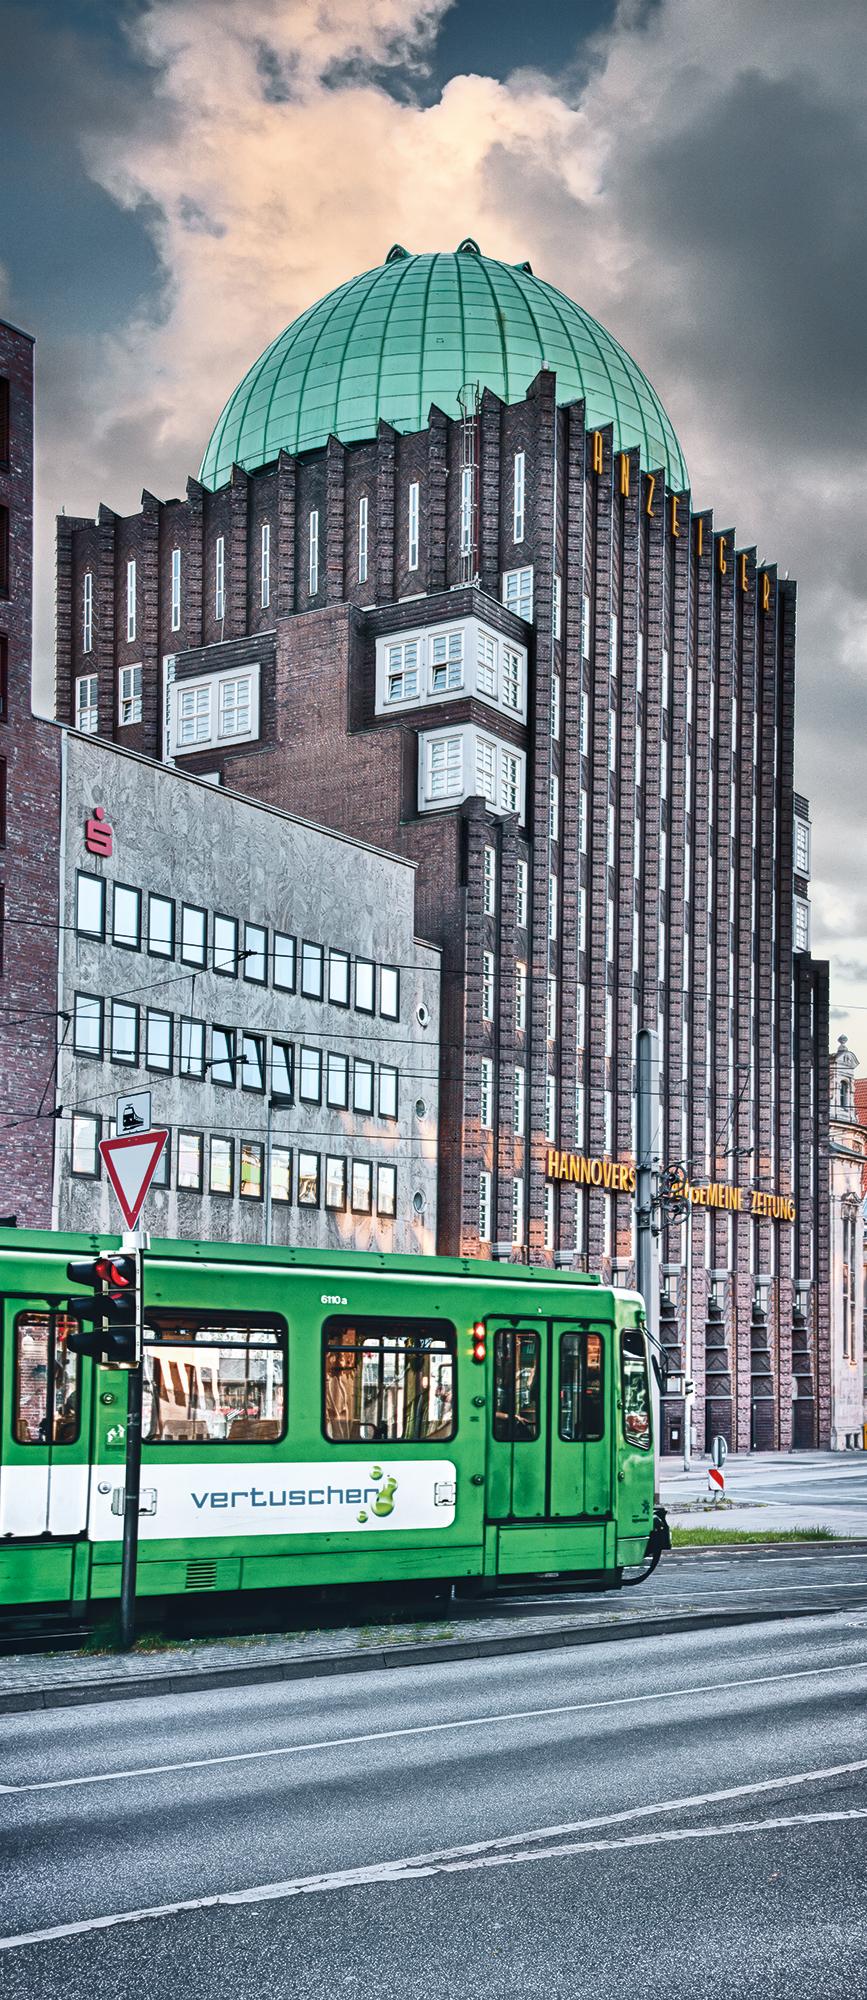 Hannoversche Allgemeine Zeitung, 65 x 150 cm  ·  Leinwand auf Keilrahmen: € 660,- · Aludibond: € 810,- ·Acrylglas auf Aludibond: € 980,-  · © Stefan Korff